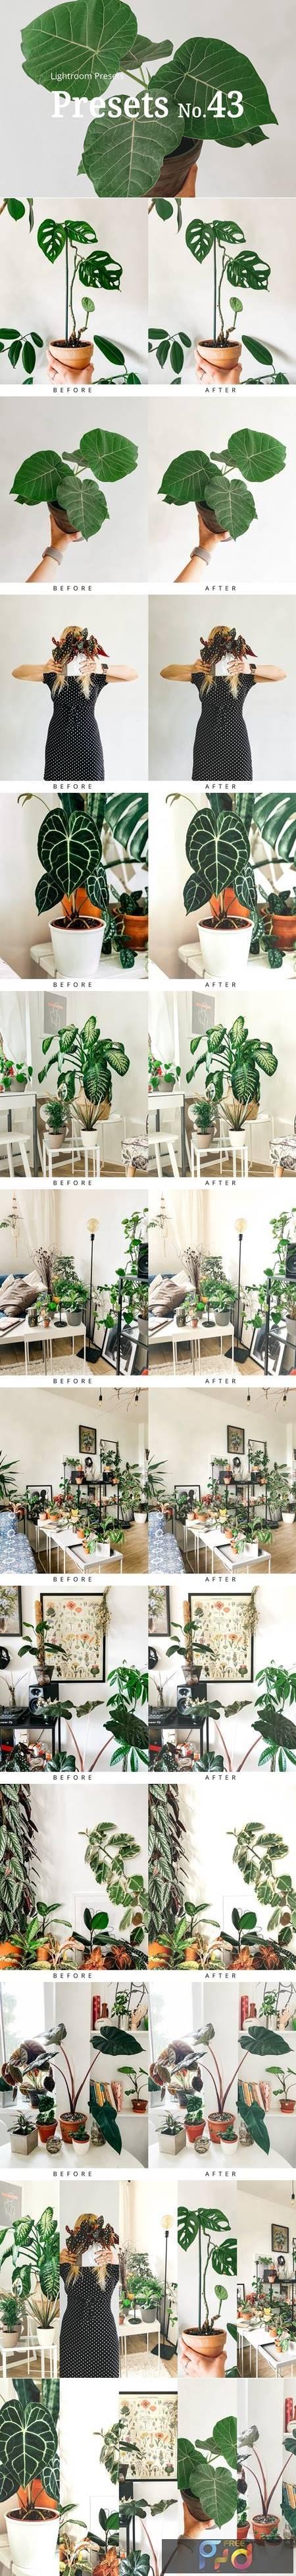 10 Light Botanical Lightroom Presets 5351307 1